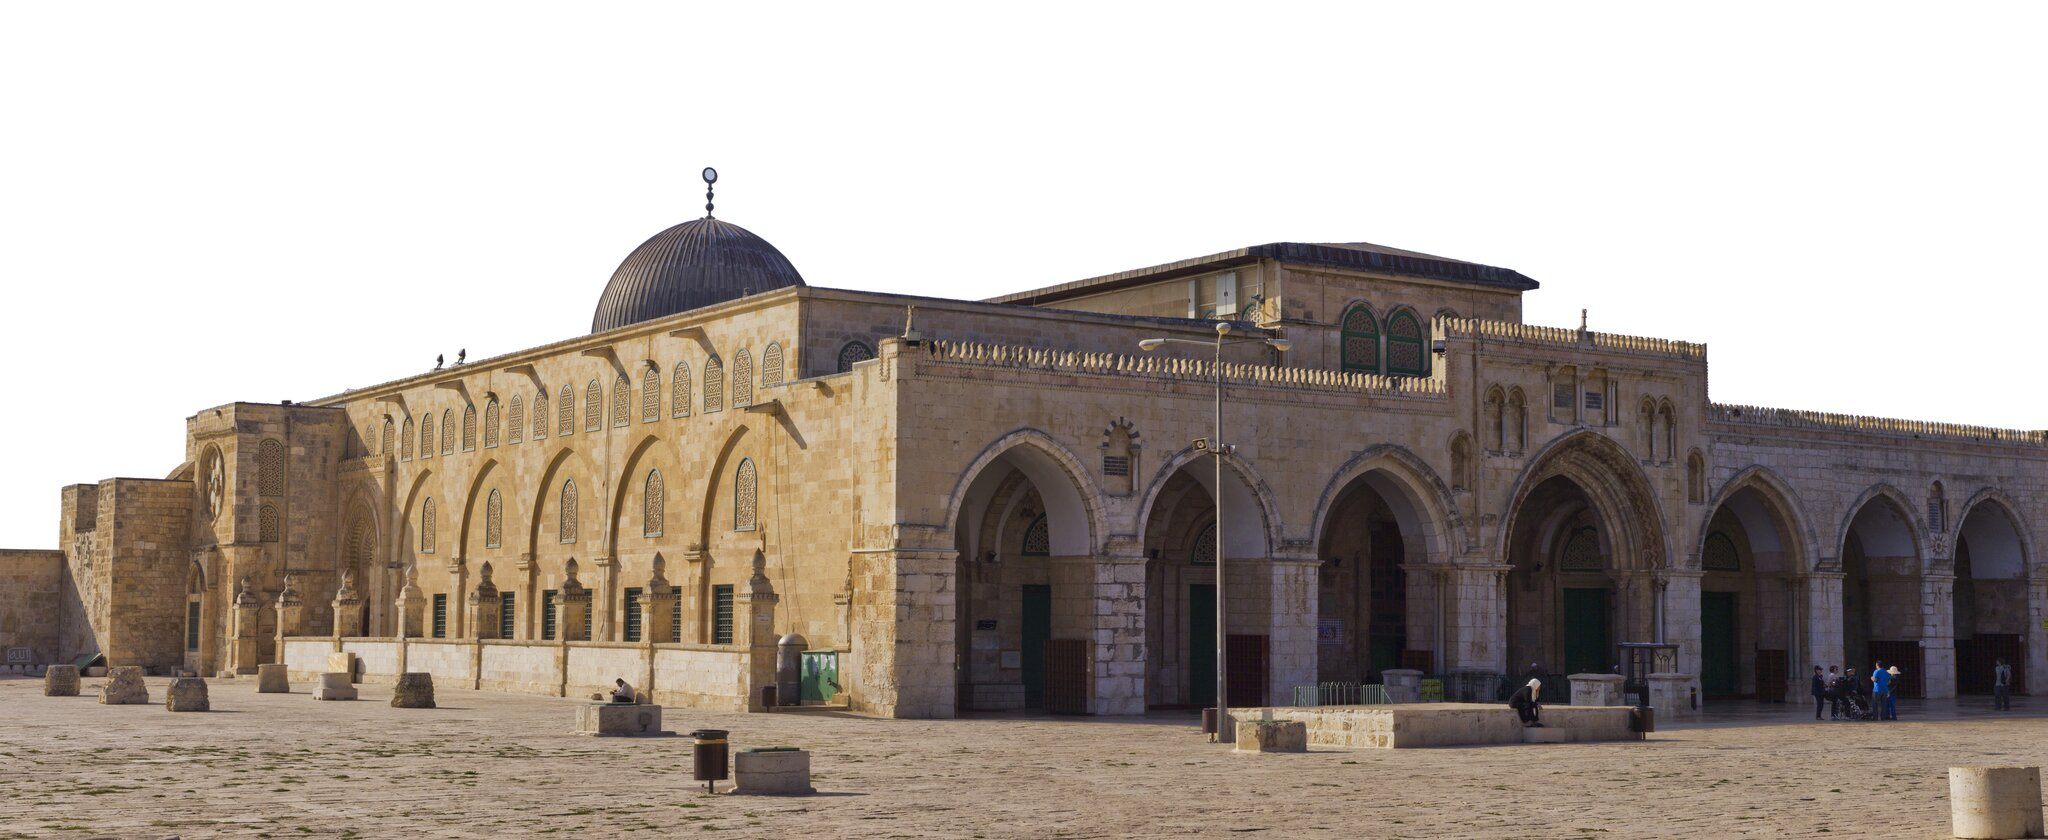 Meczet Al-Aksa wJerozolimie Meczet Al-Aksa wJerozolimie Źródło: Godot13, Wikimedia Commons, licencja: CC BY-SA 3.0.